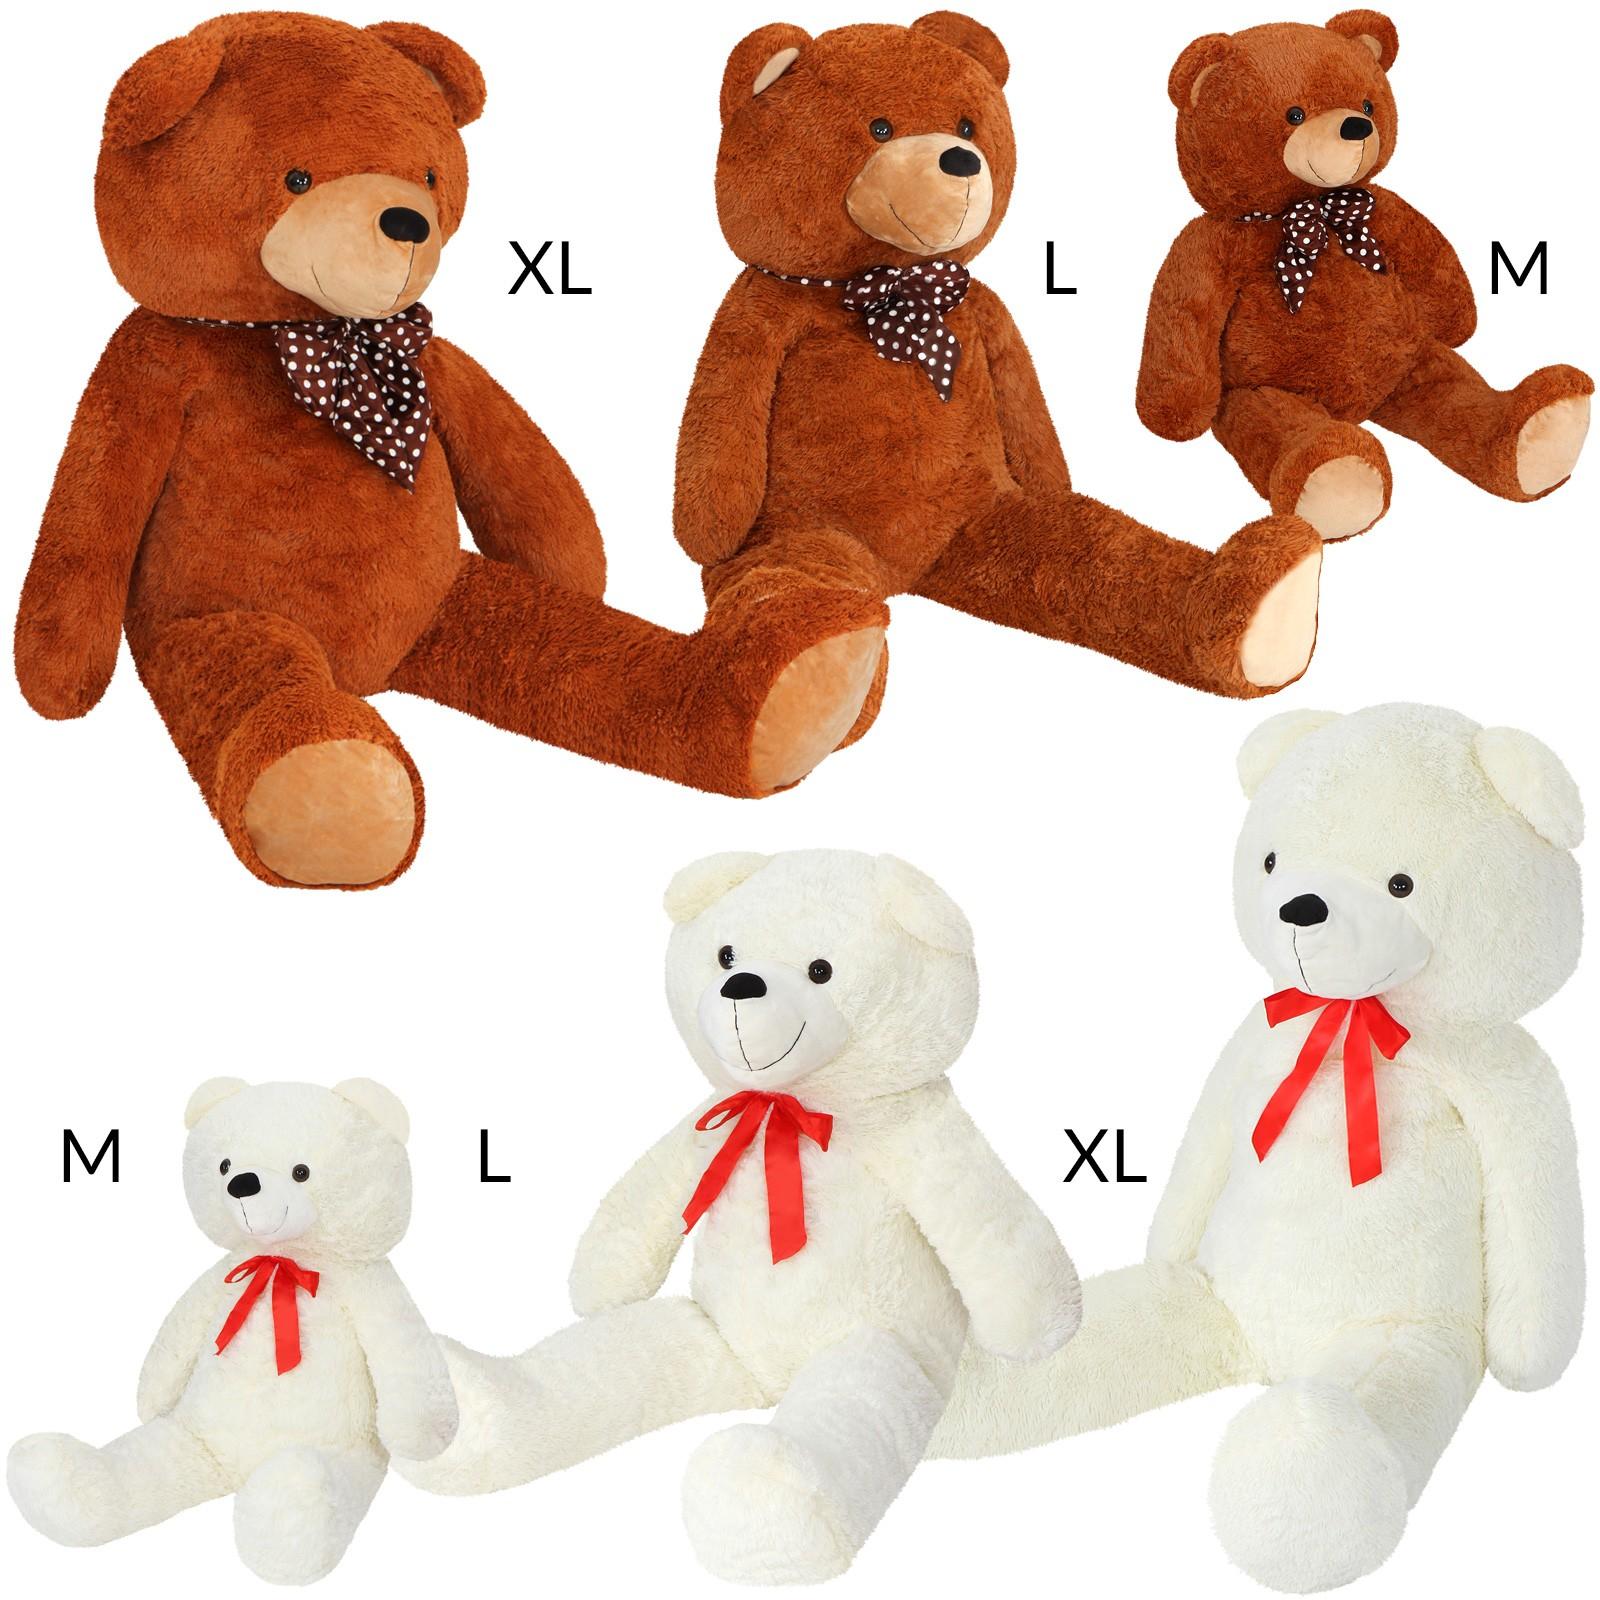 Großer Kuschelbär | Stofftier | Plüschbär | Teddy | Größenwahl ...